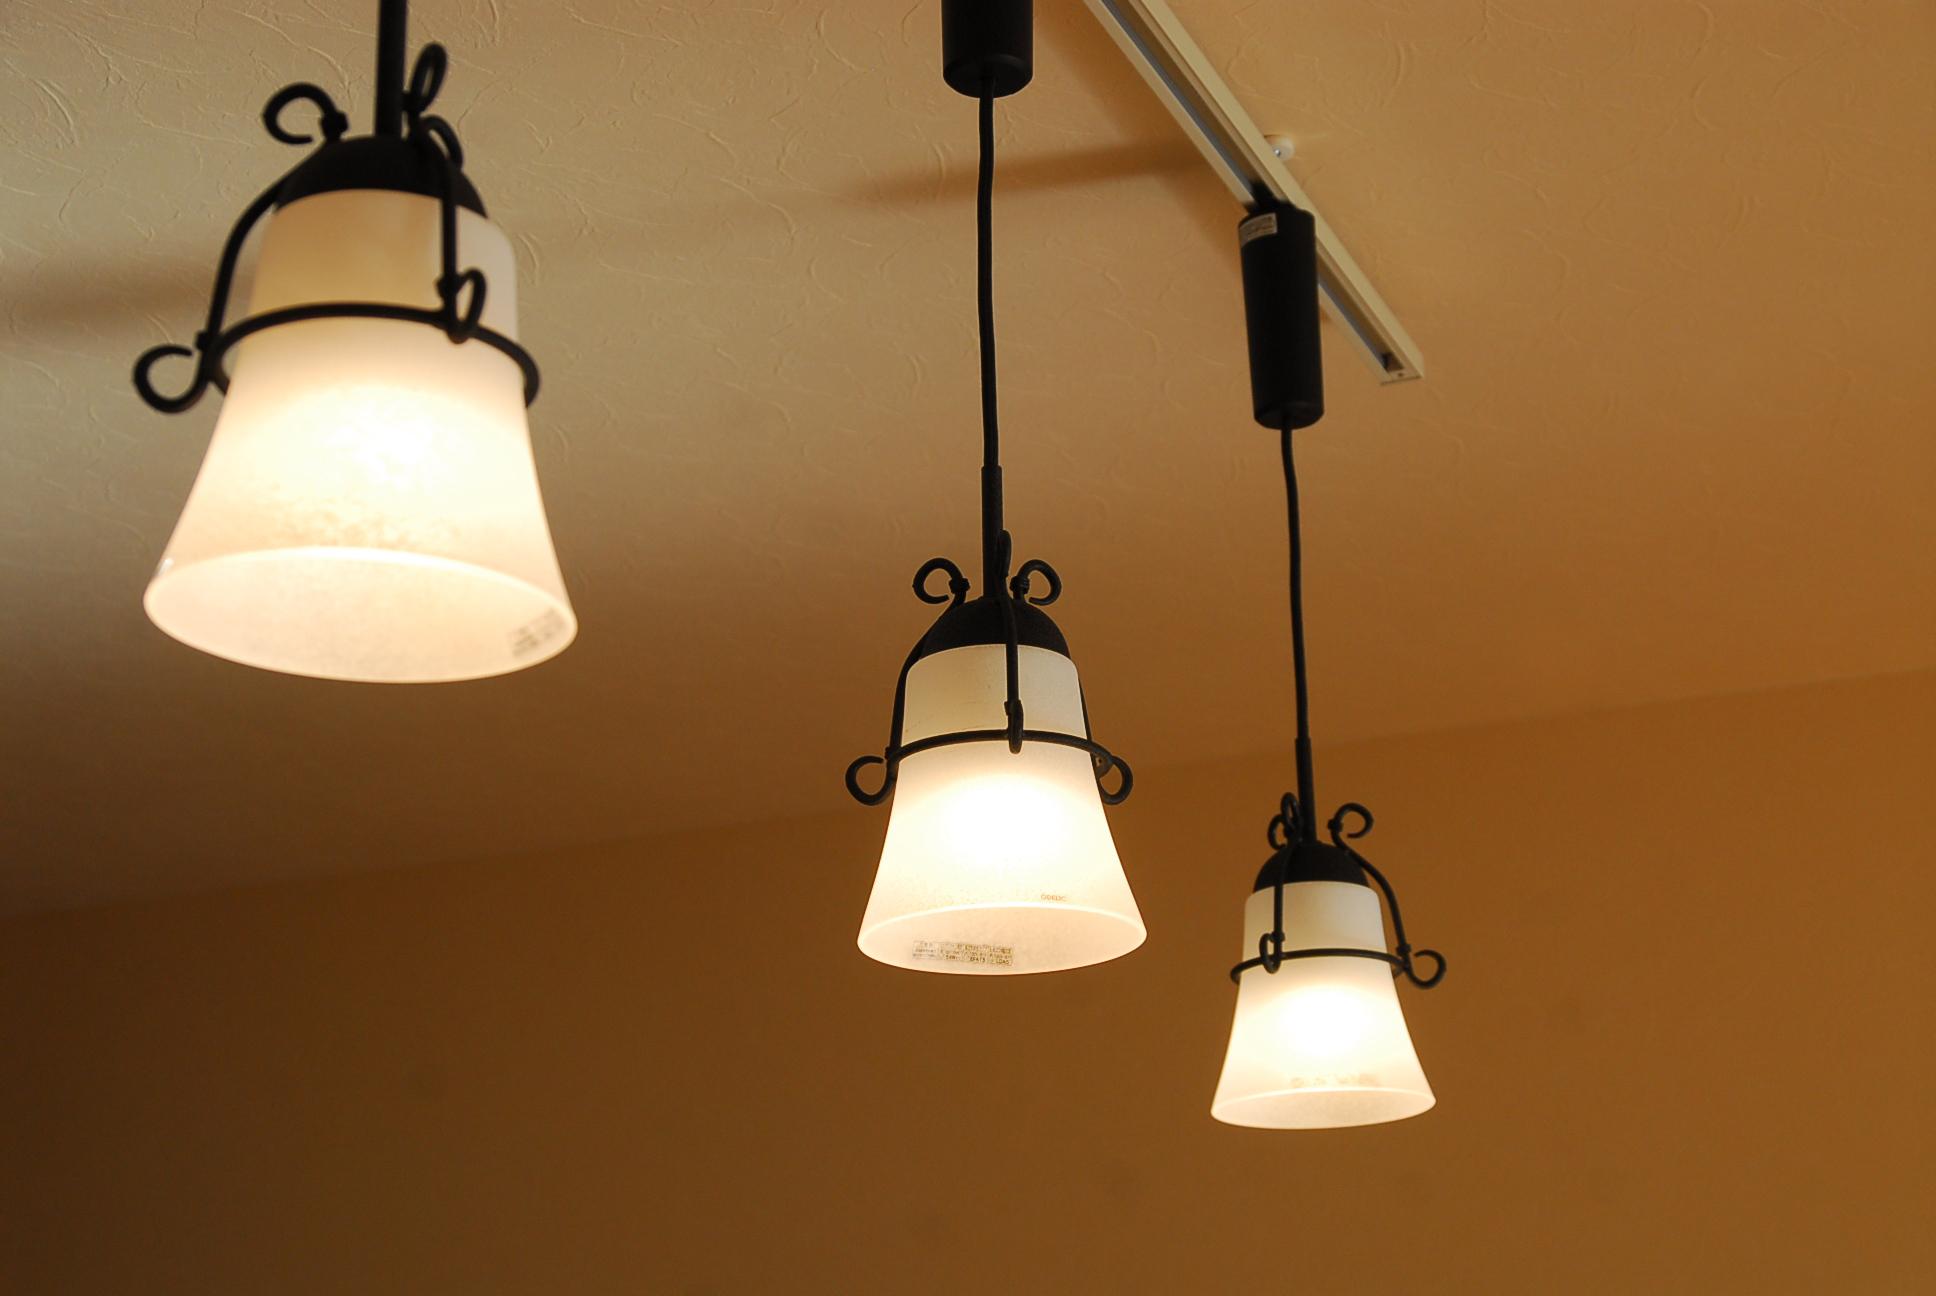 お部屋のコーディネートの役に立つ!LEDの照明器具を紹介します☆のサムネイル画像